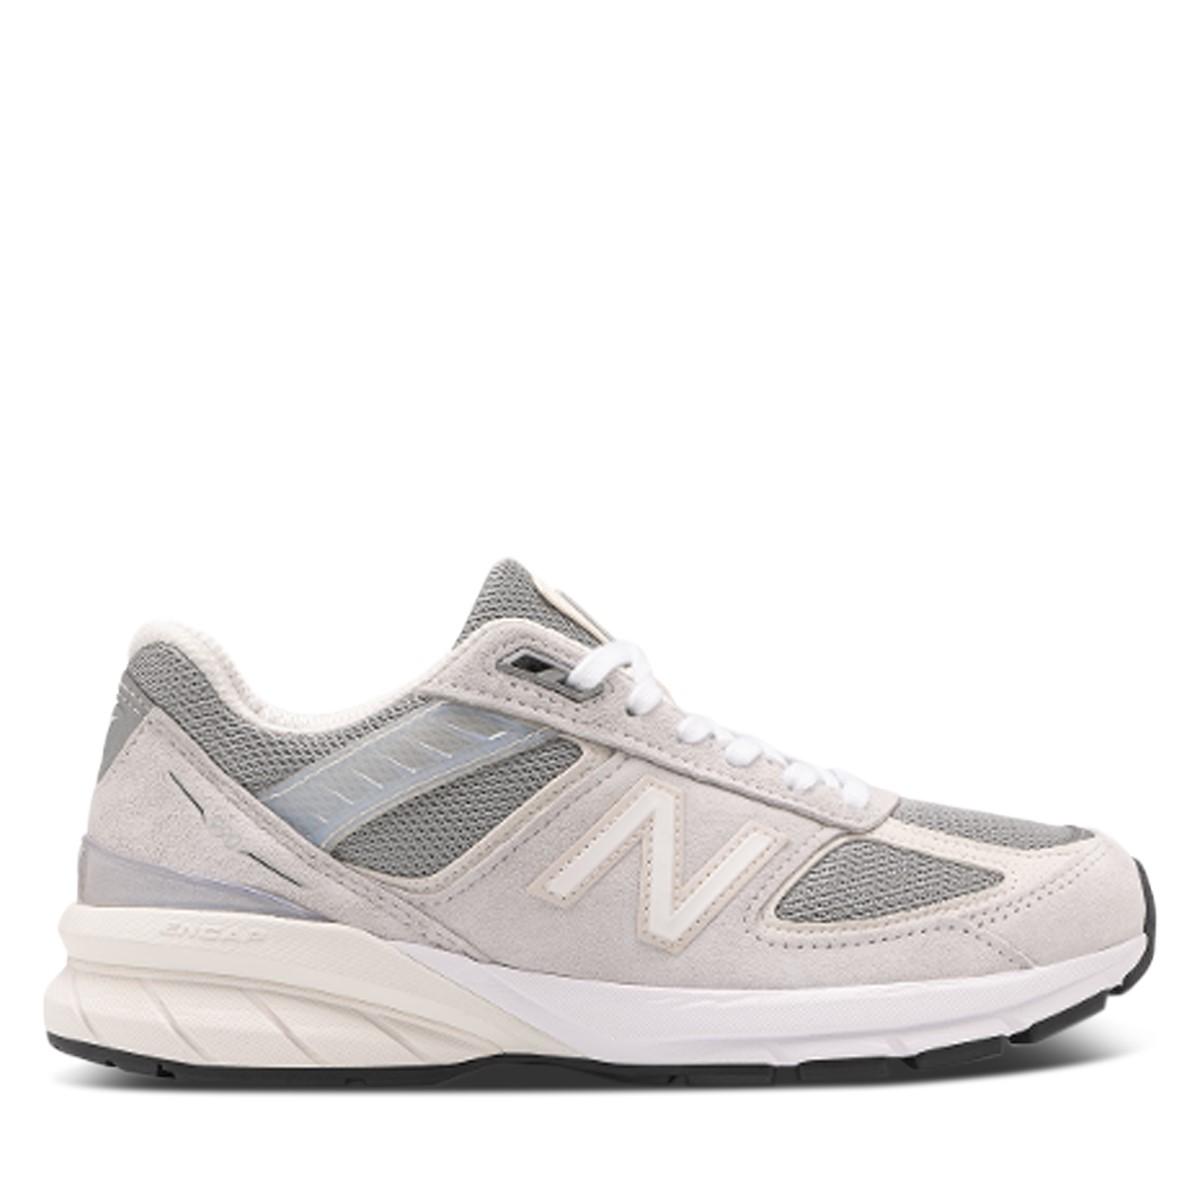 Women's 990 Sneakers in White